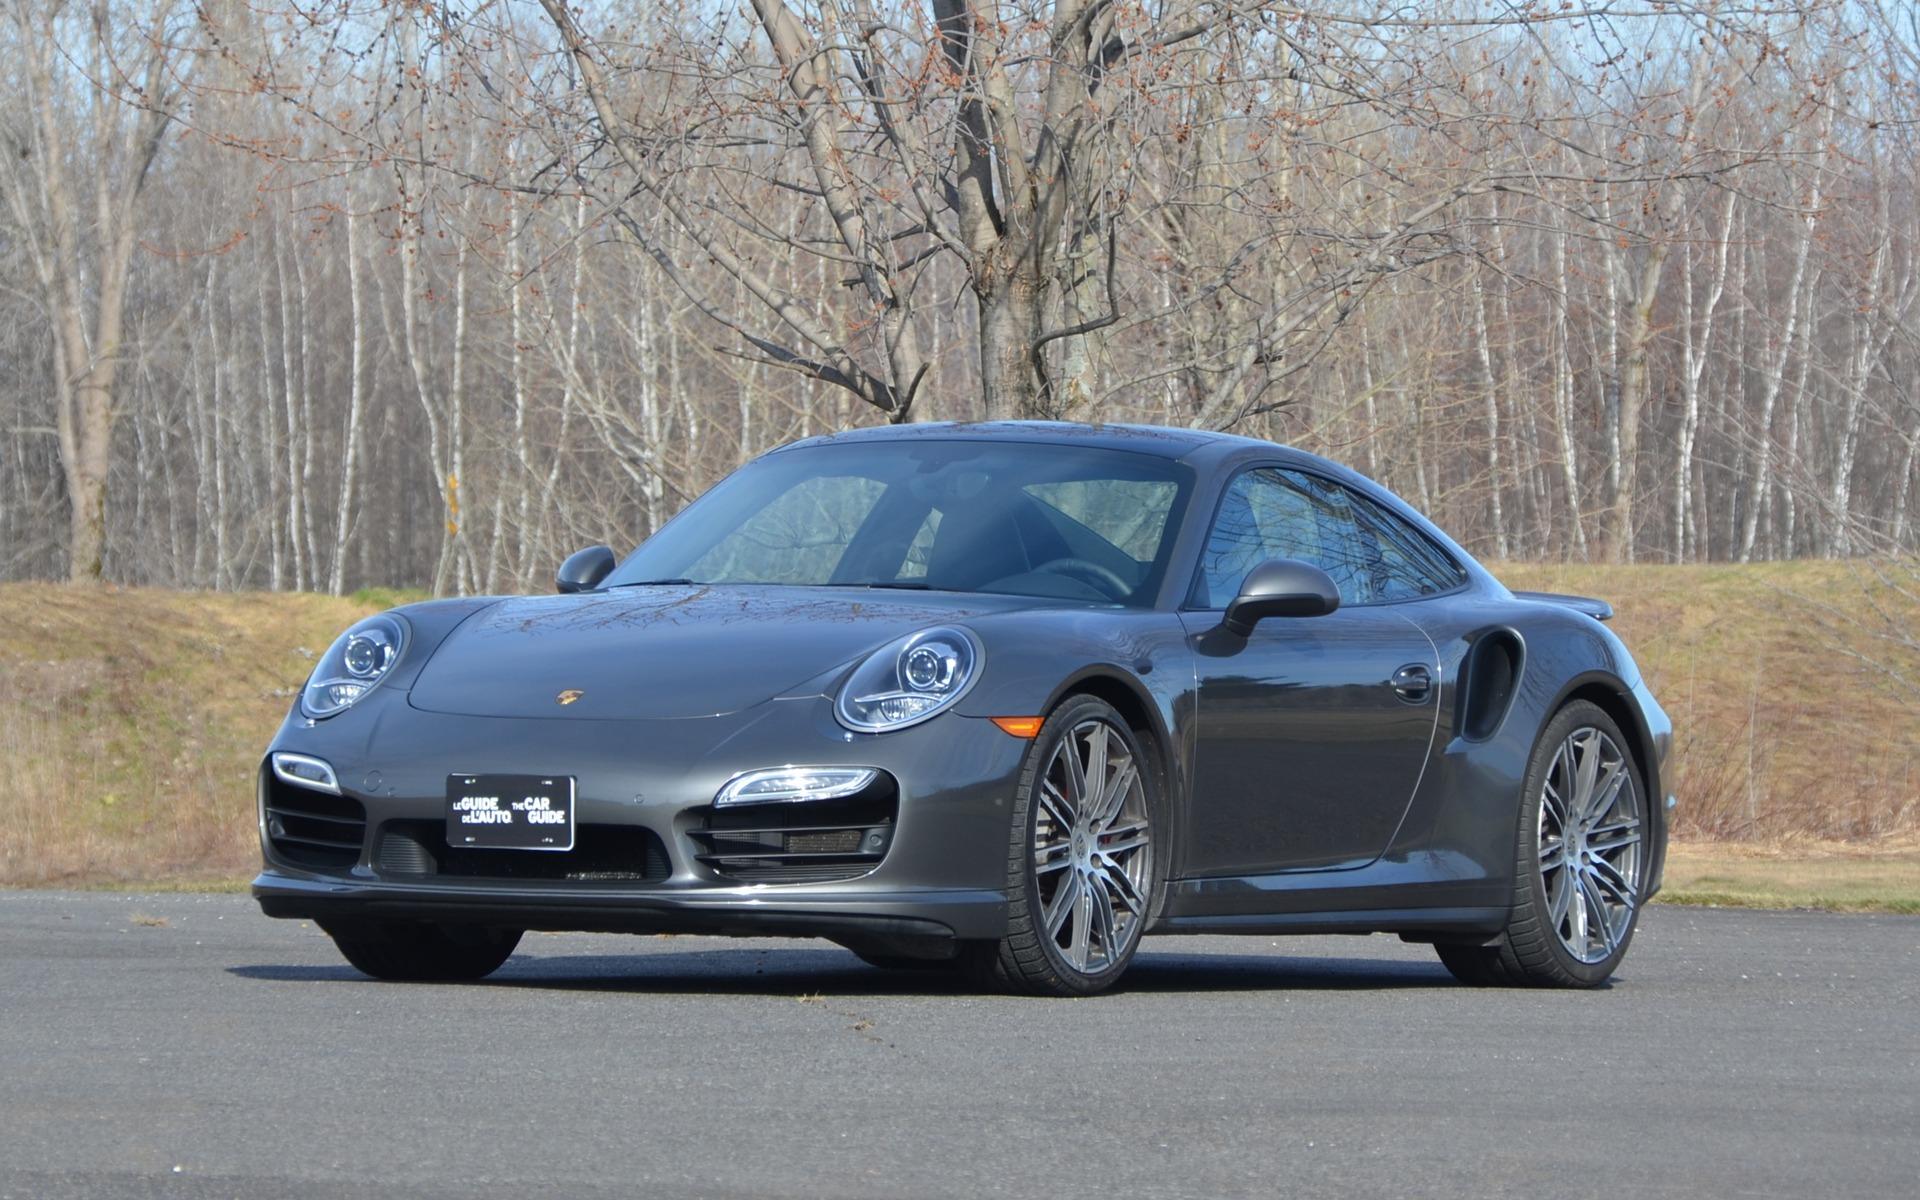 Porsche 911 Turbo. Noël 2014 sera-t-il le bon?